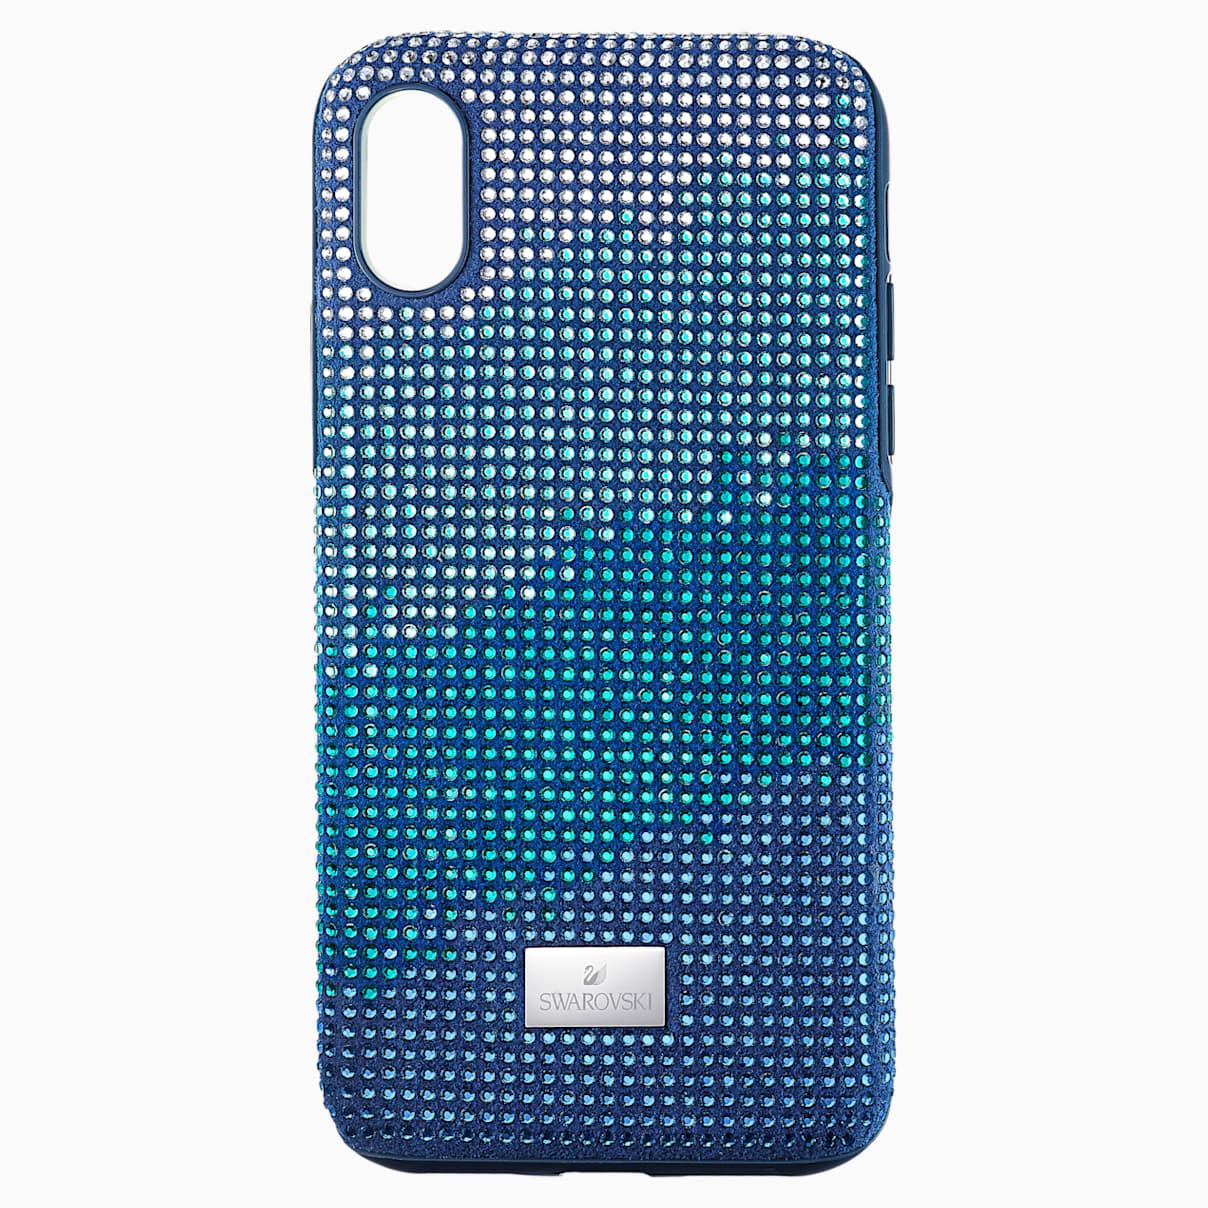 Custodia per smartphone con bordi protettivi Crystalgram, iPhone® X/XS, azzurro